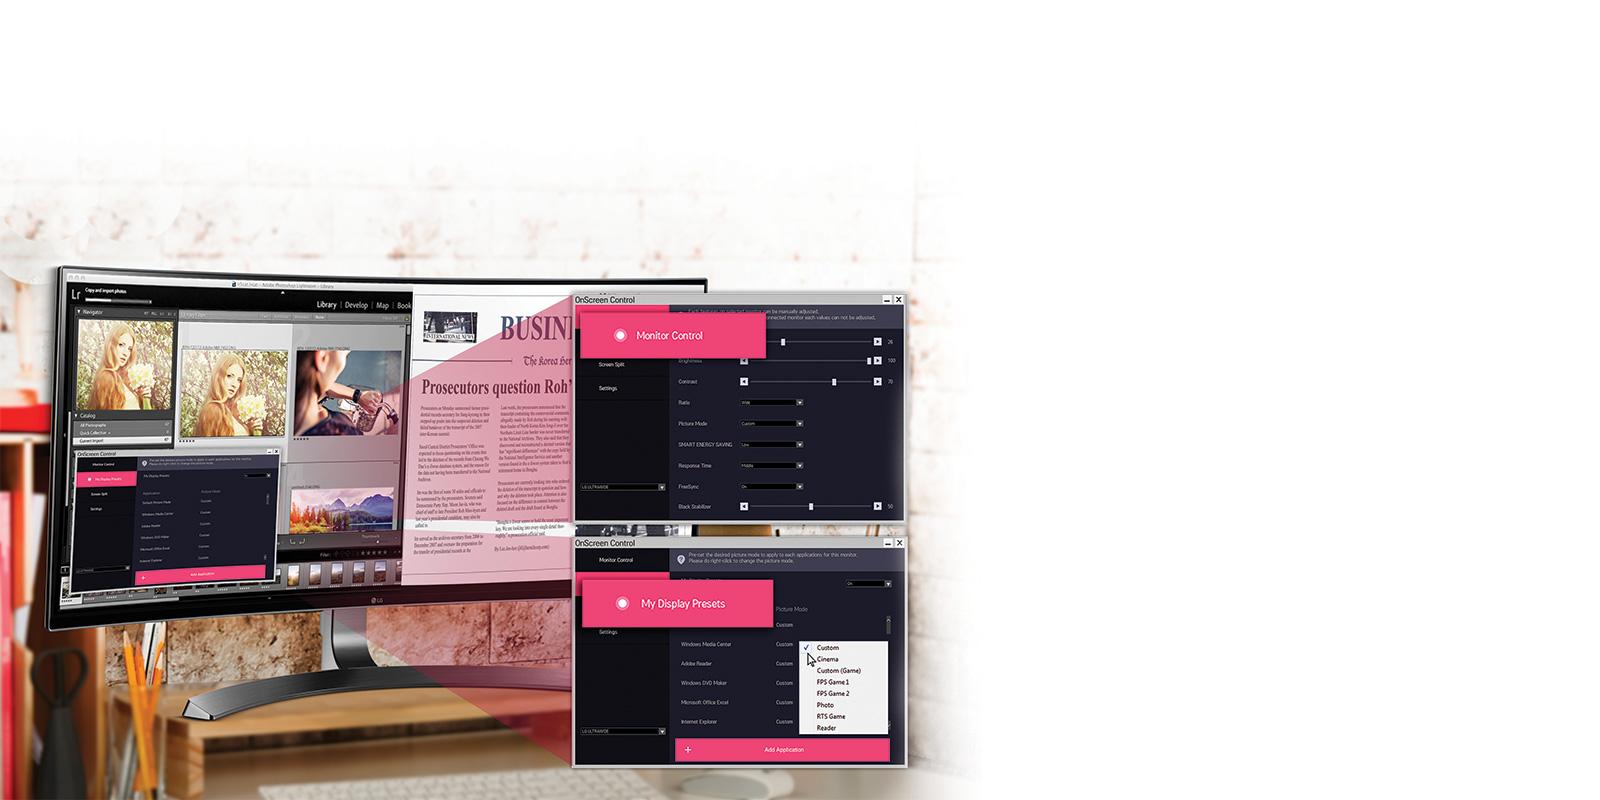 Màn hình LG 34UC98 với công nghệ On-screen control